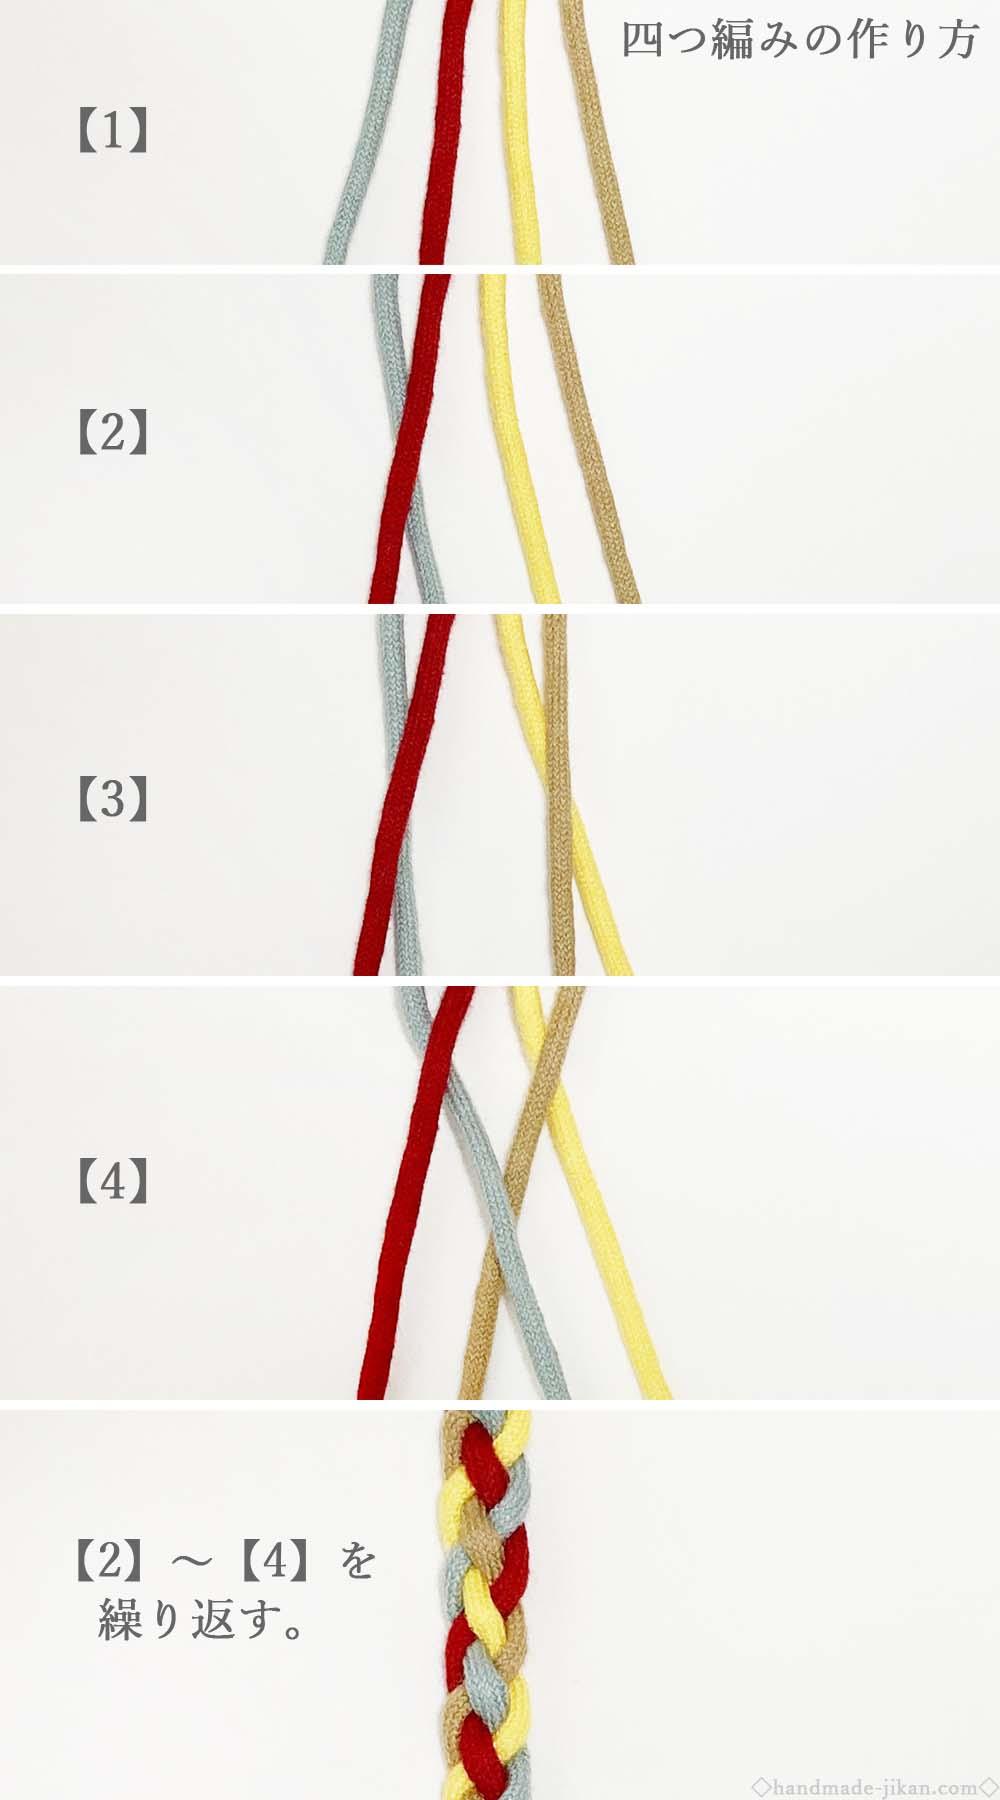 四つ編みの作り方